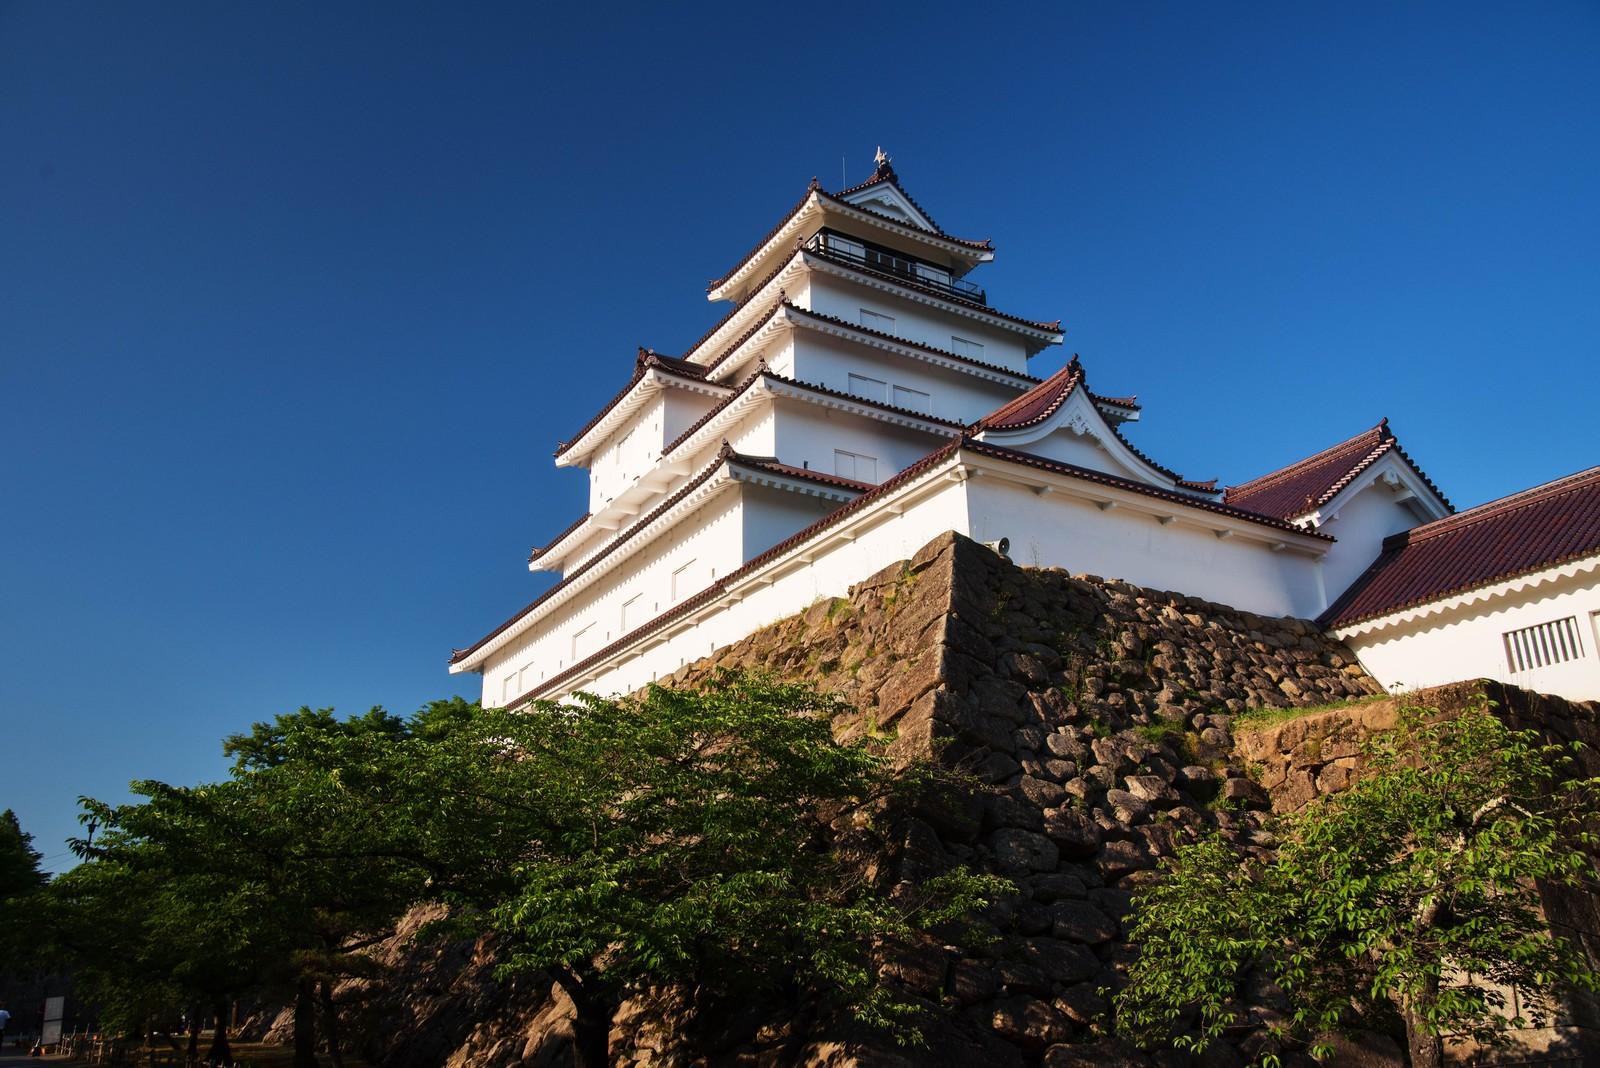 坂本城へのアクセスや見どころは?近江で明智光秀が築いた城やゆかりの地を観光